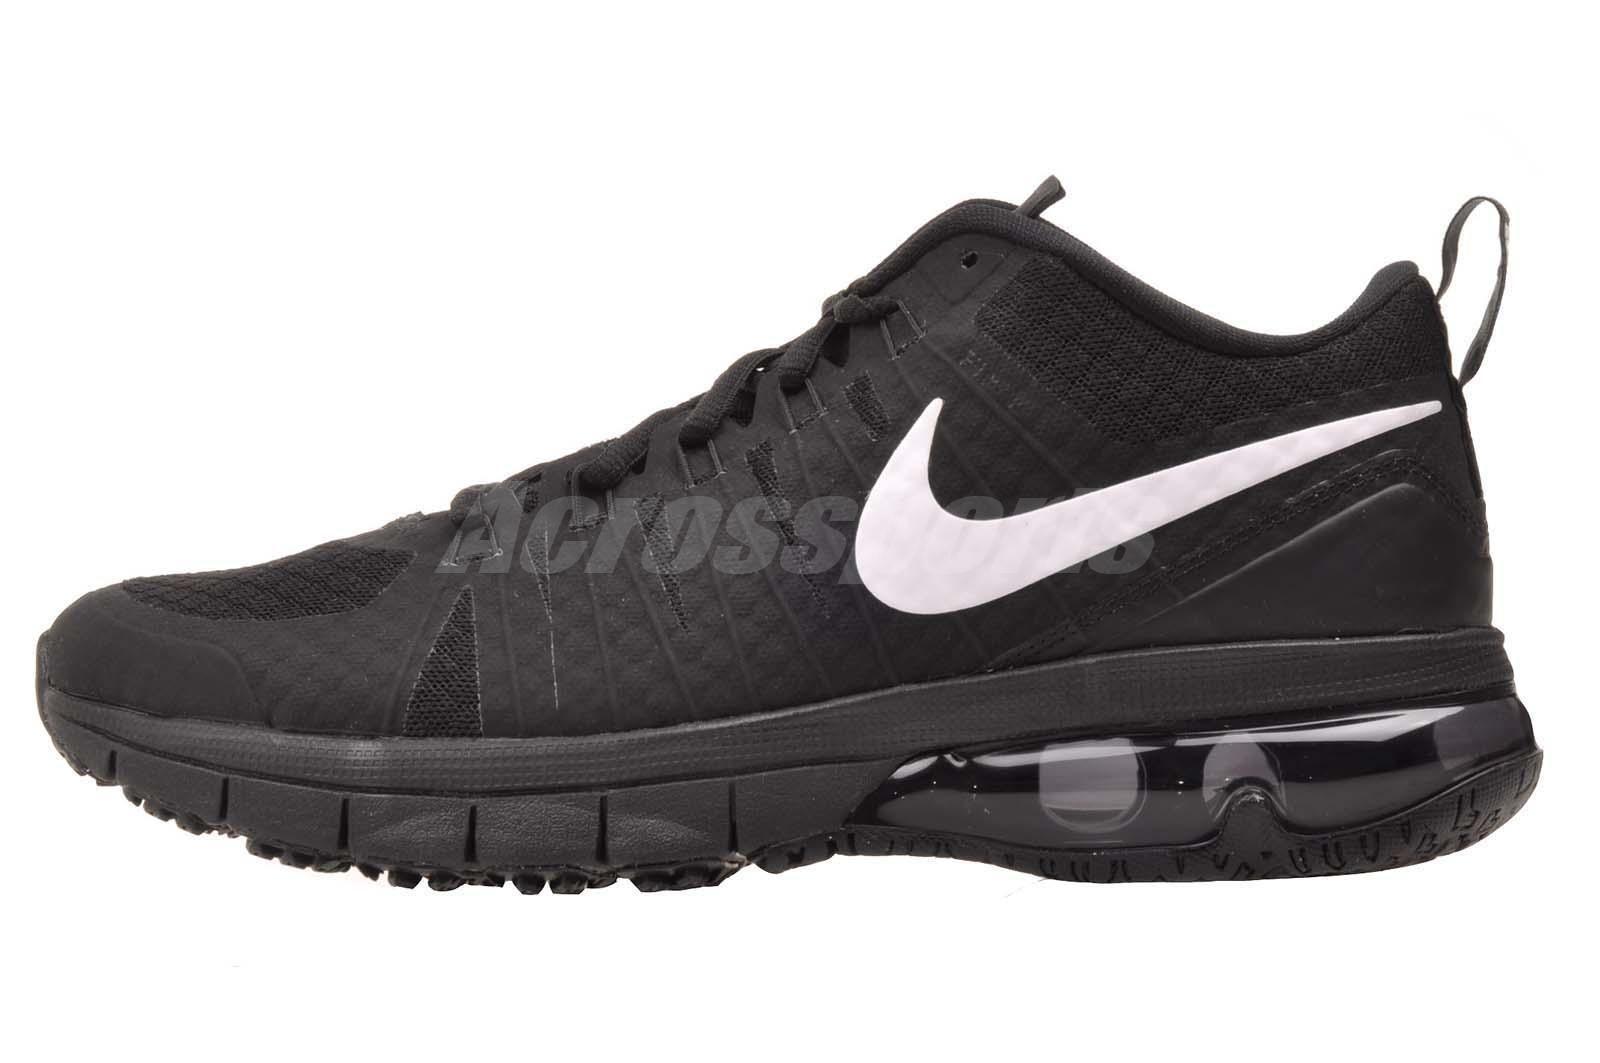 Nike Air Max TR180 TB Cross Training Mens Shoes Black 2016